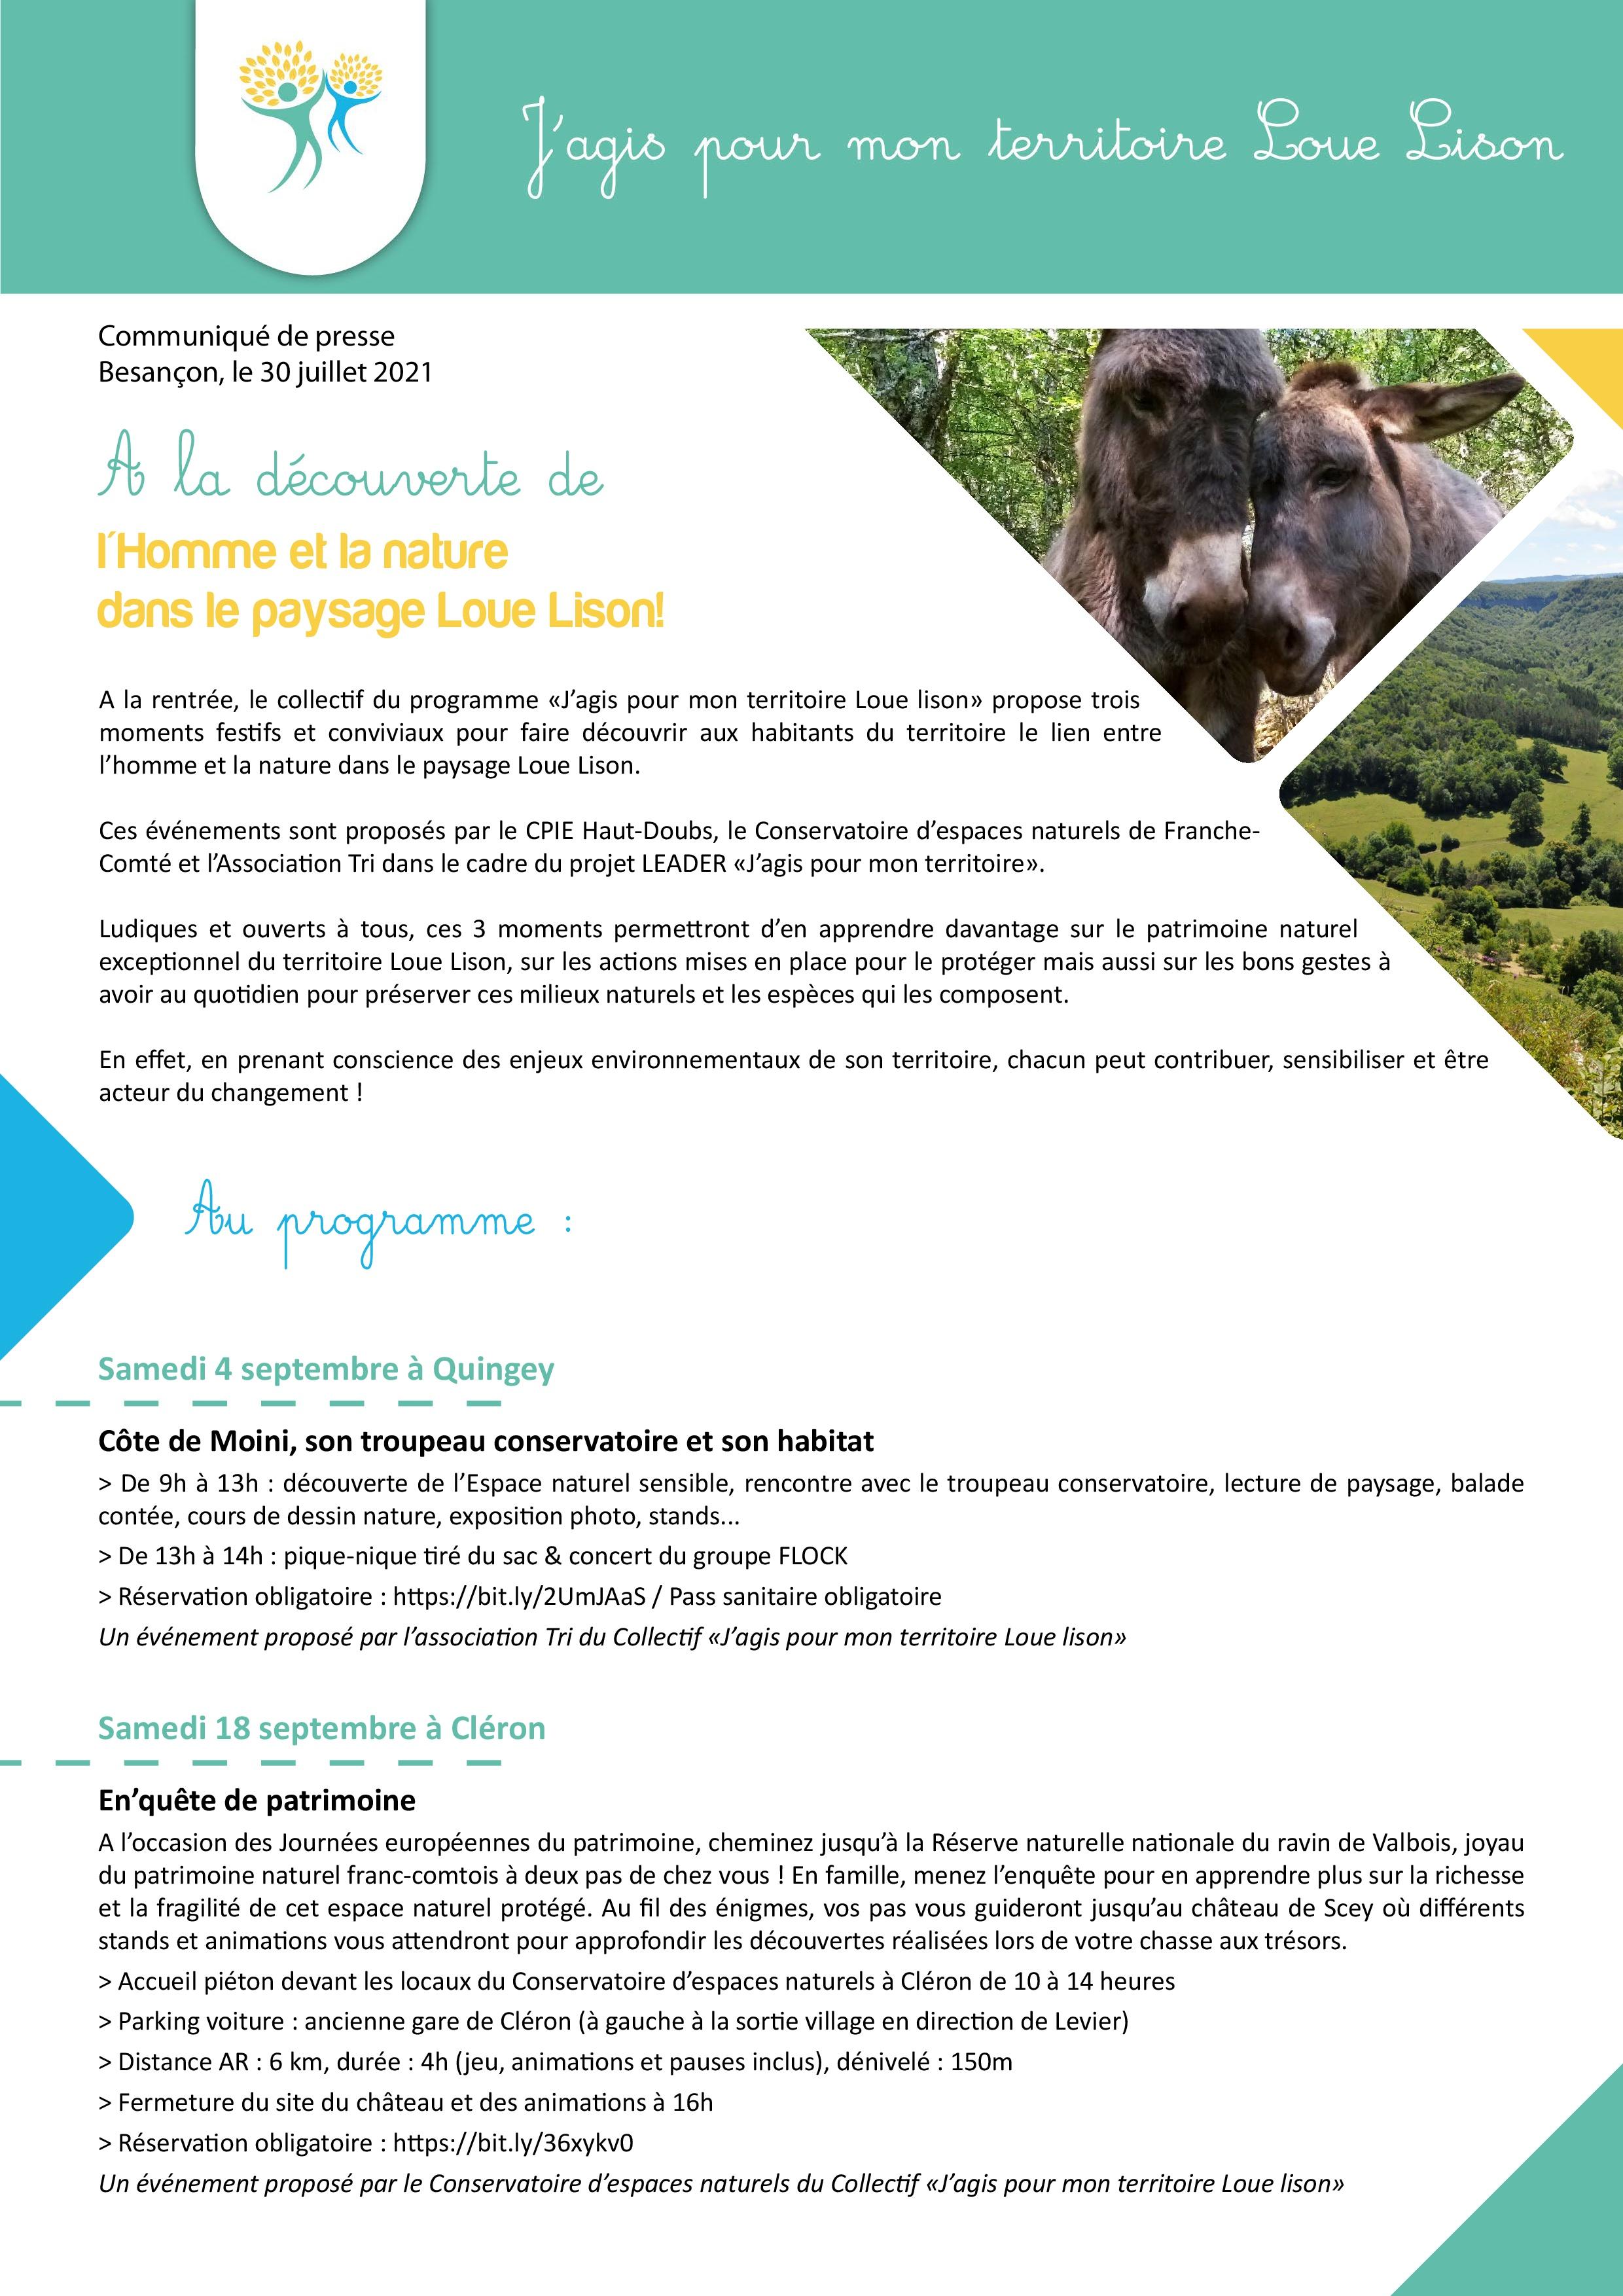 CP_3 evenements en septembre_Jagis pour mon territoire Loue Lison_1.jpg